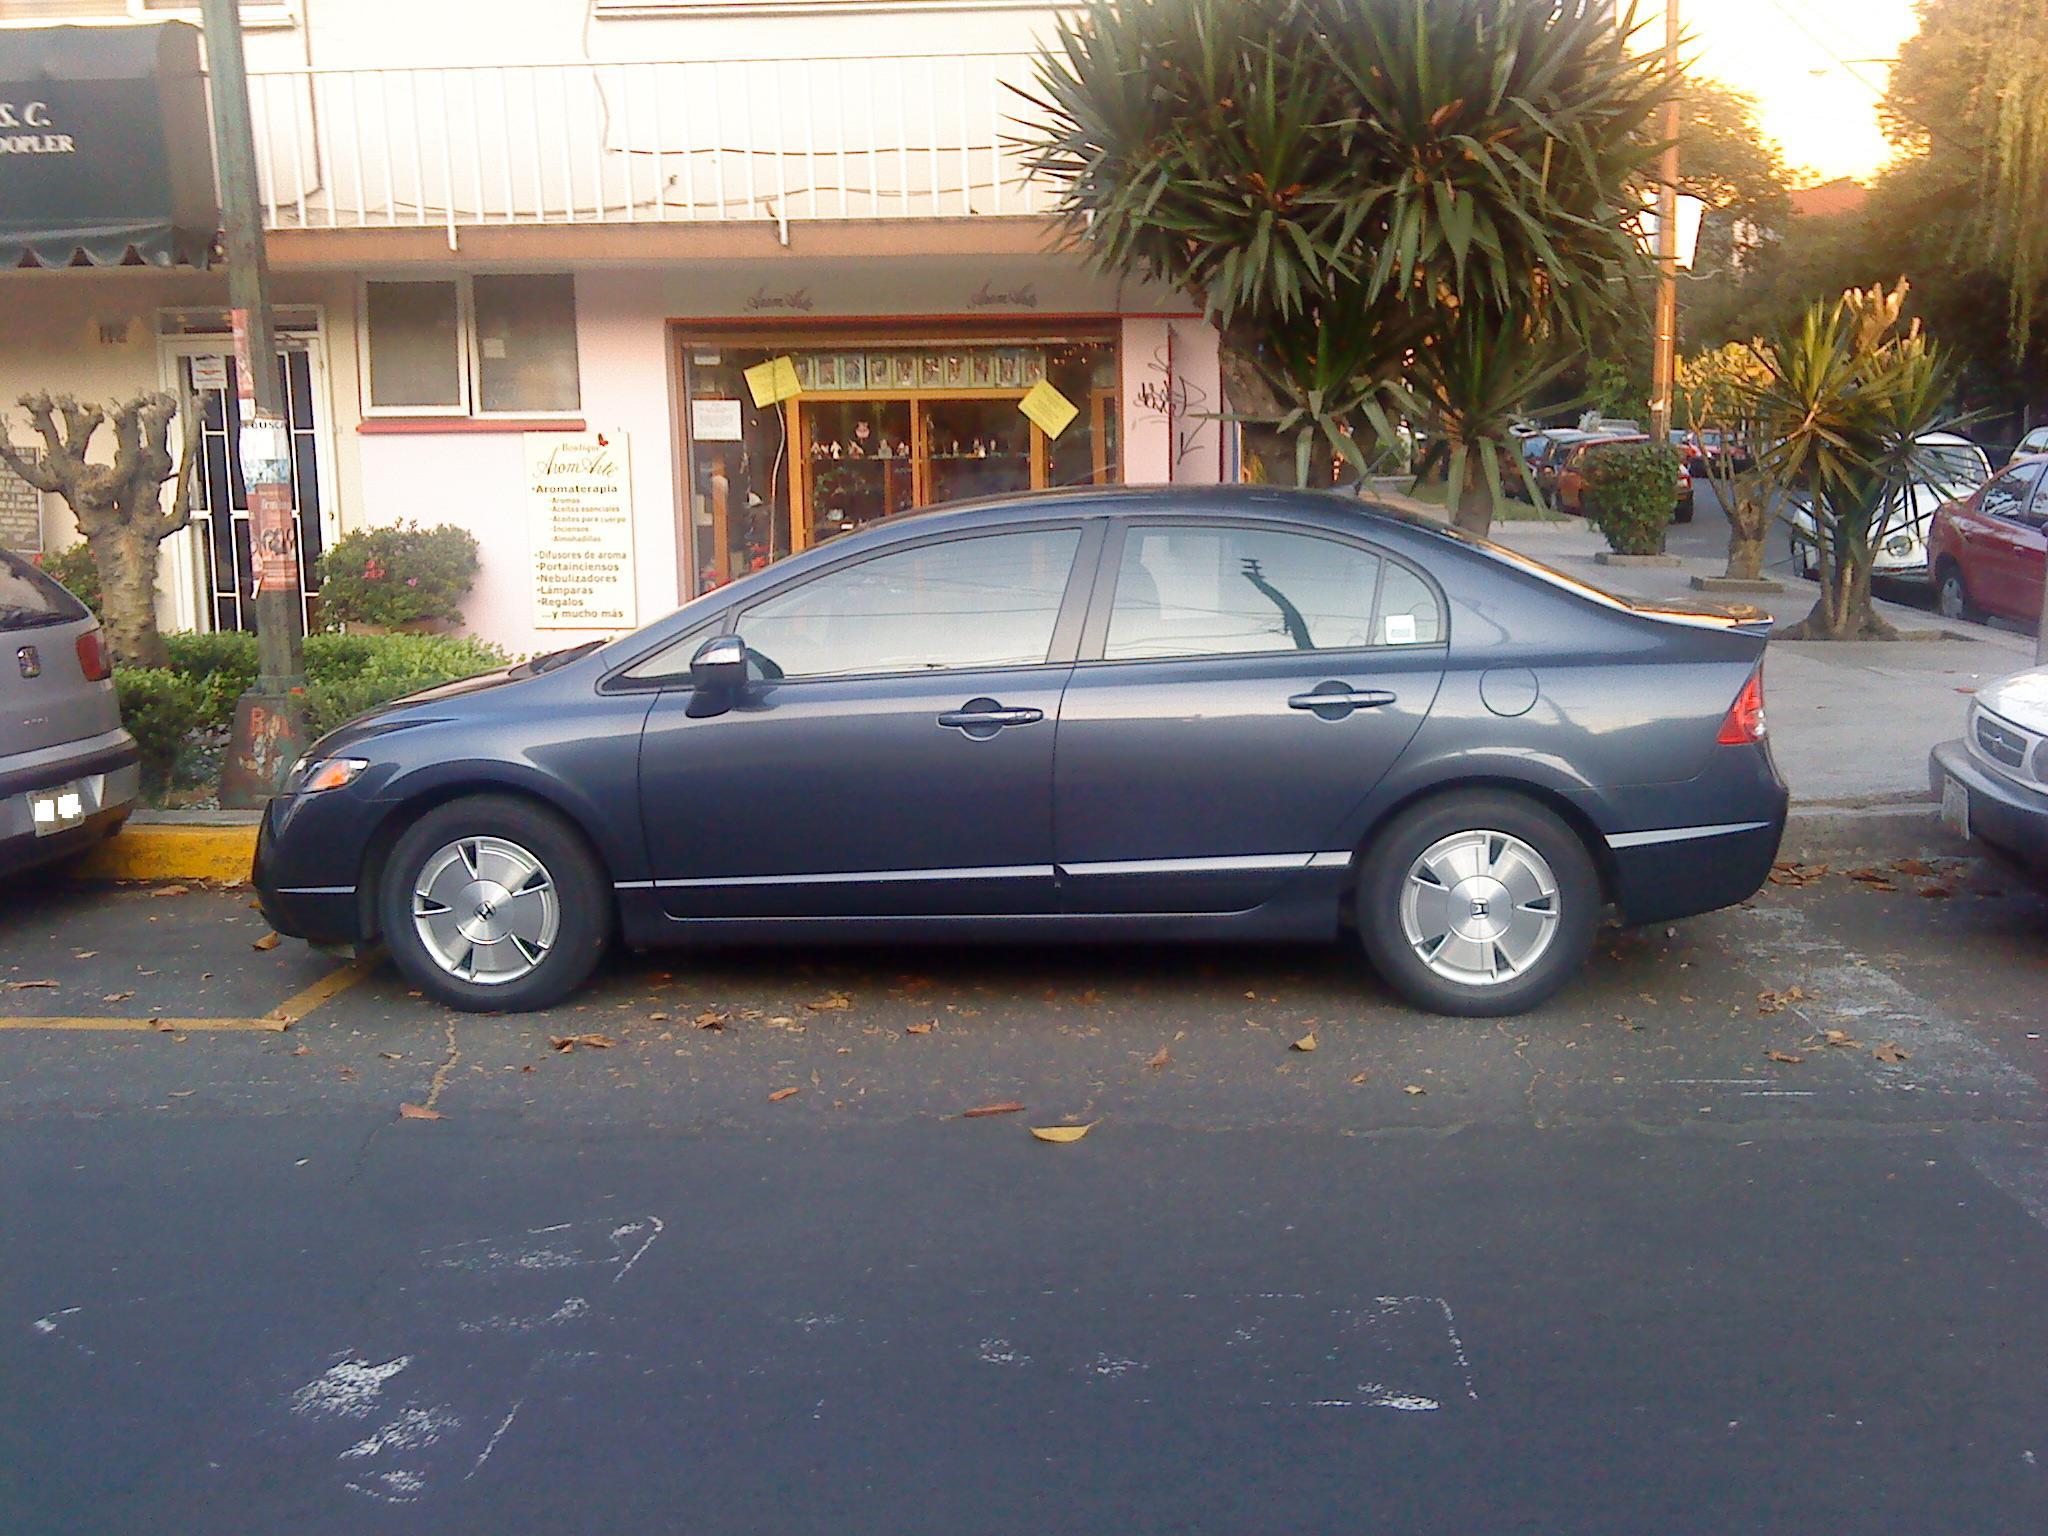 File:Honda Civic Hybrid 2007 2.JPG